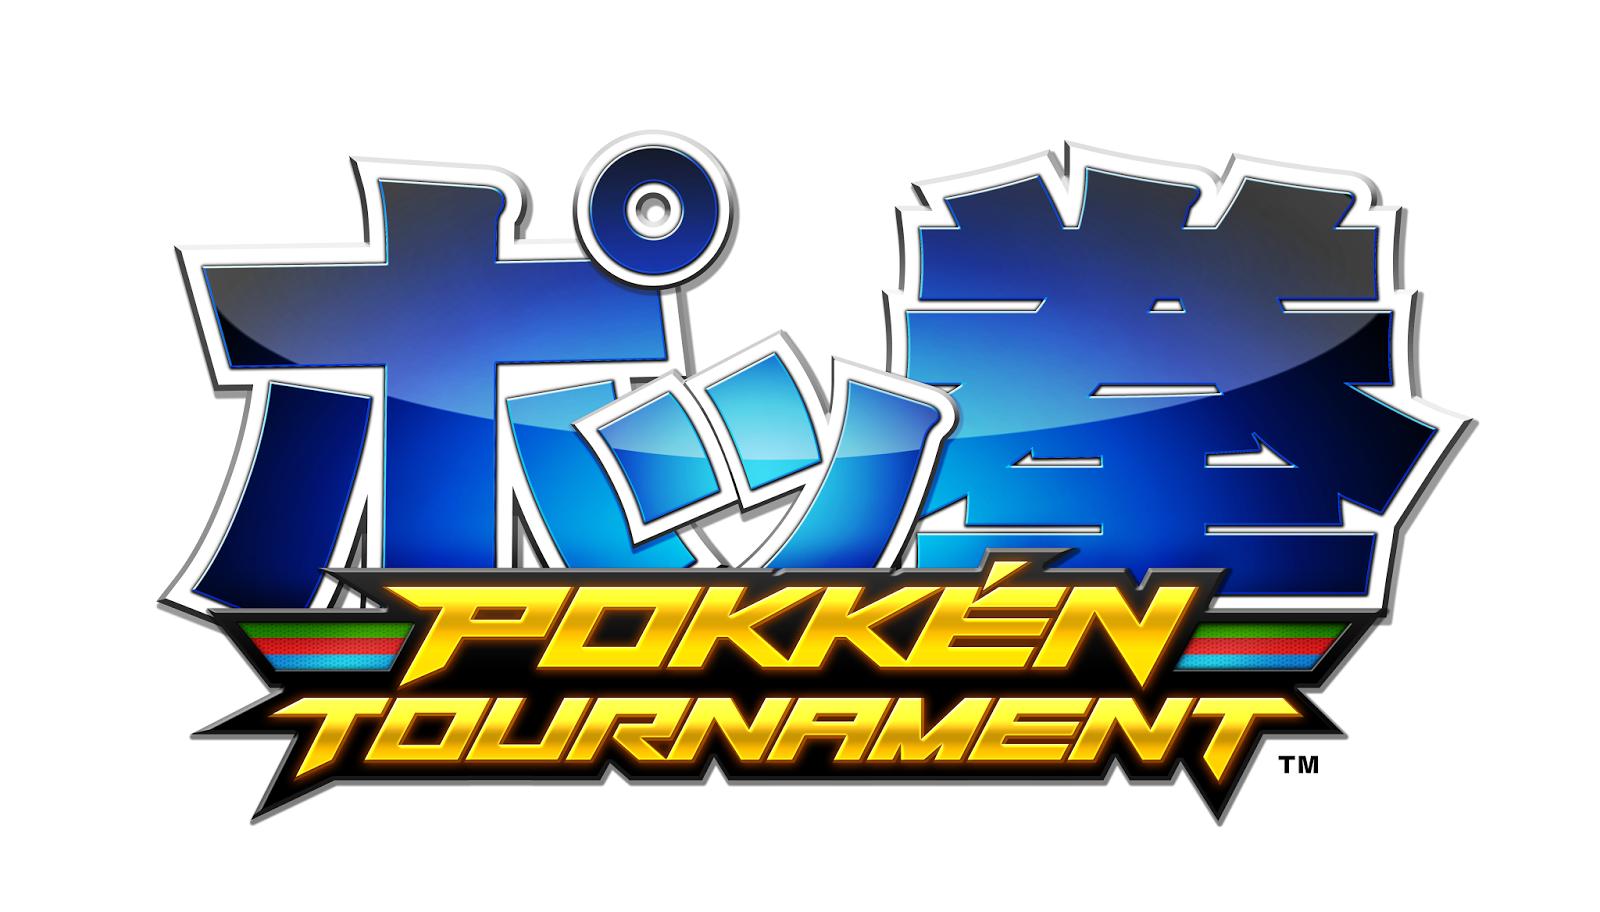 O Pokkén Tournament chegarà à Wii U na primavera de 2016